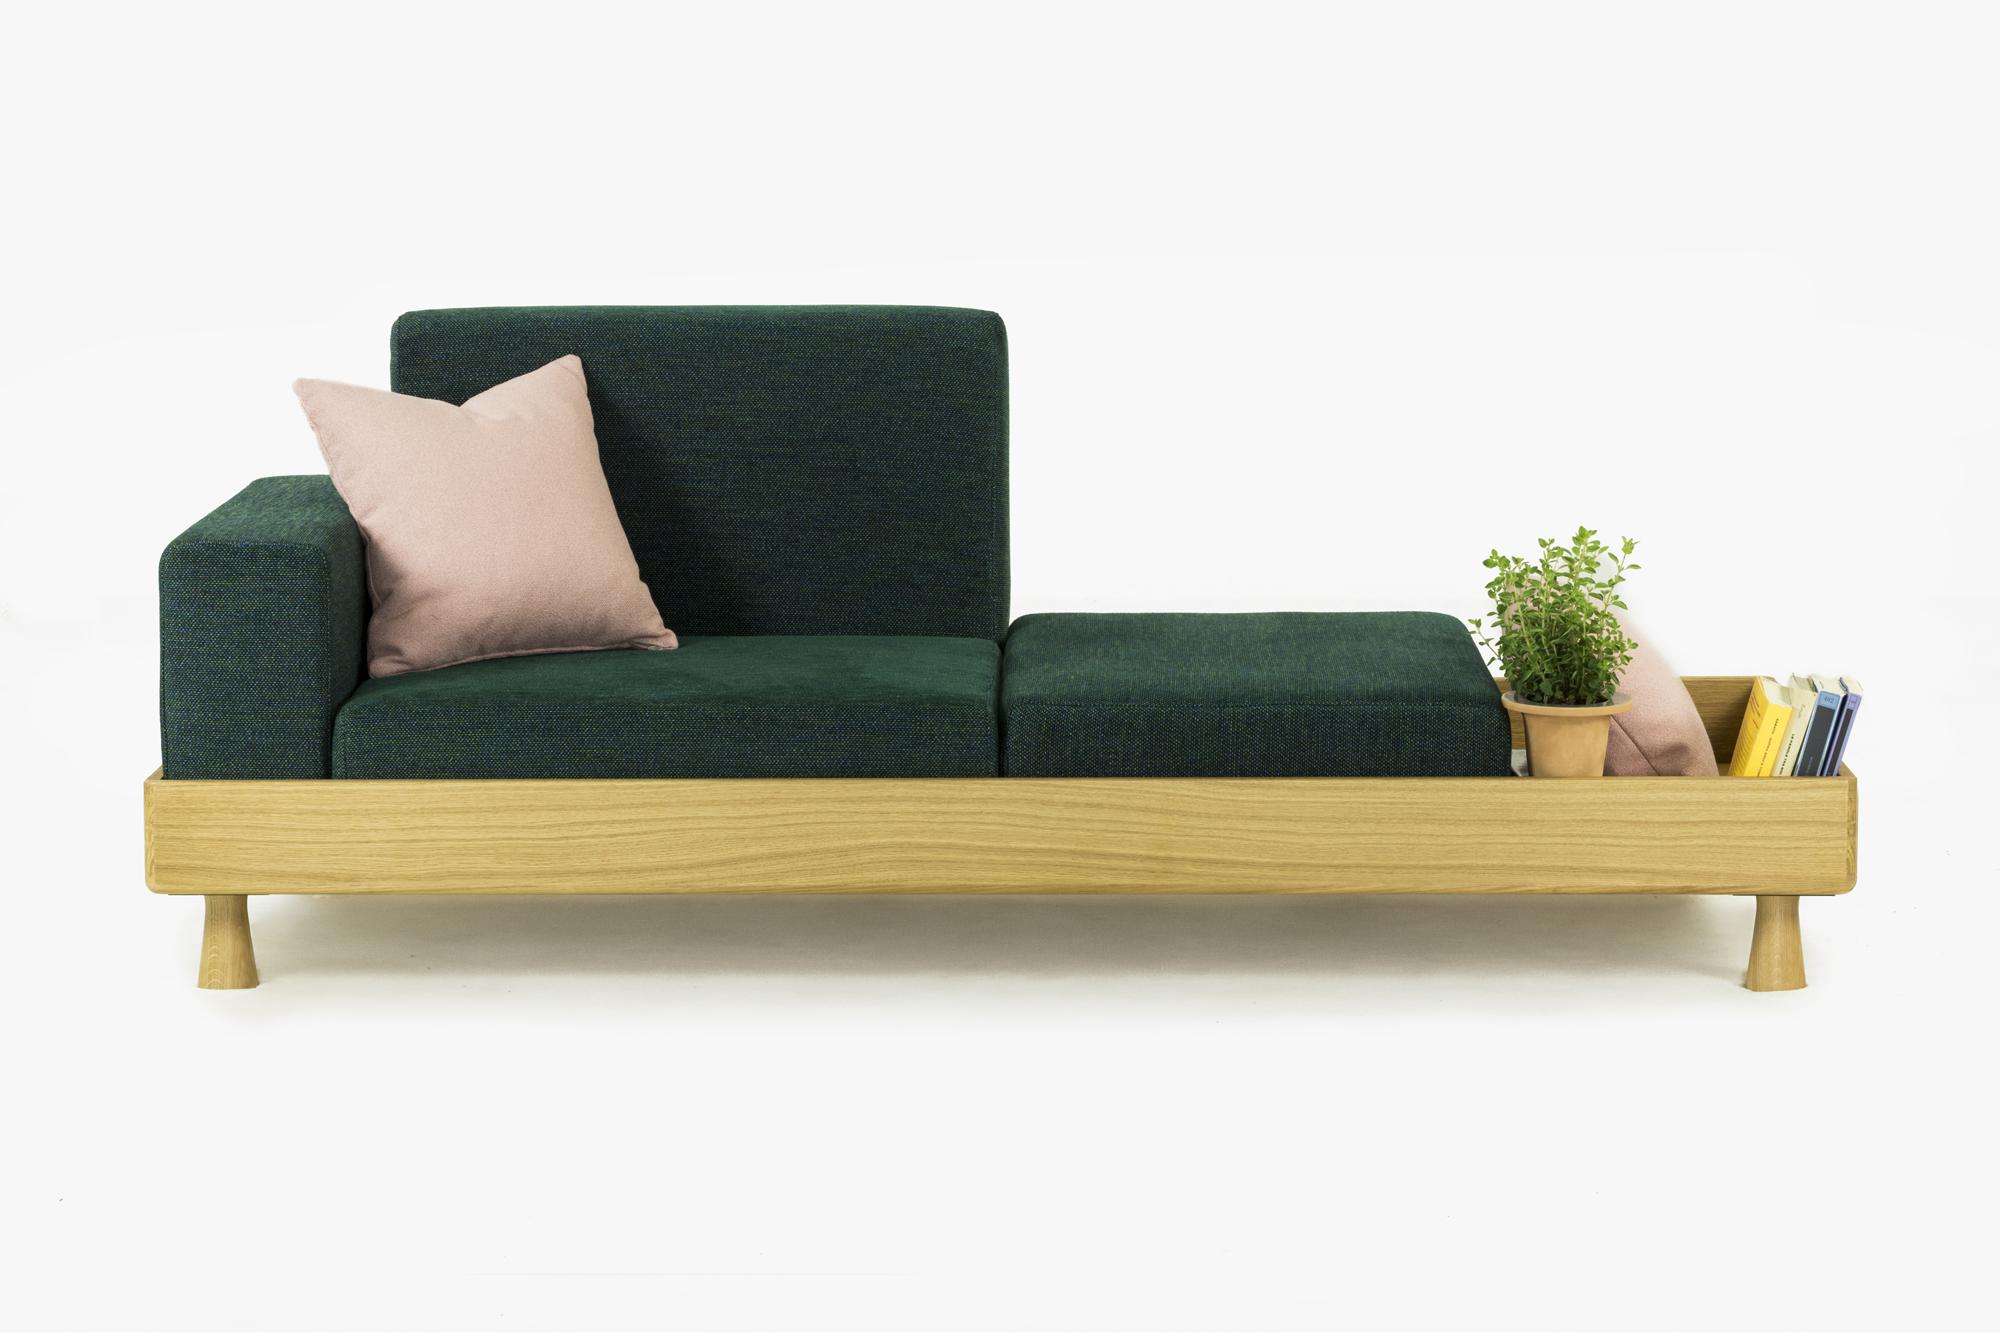 divano meda design giulio iacchetti prodotto da BertO